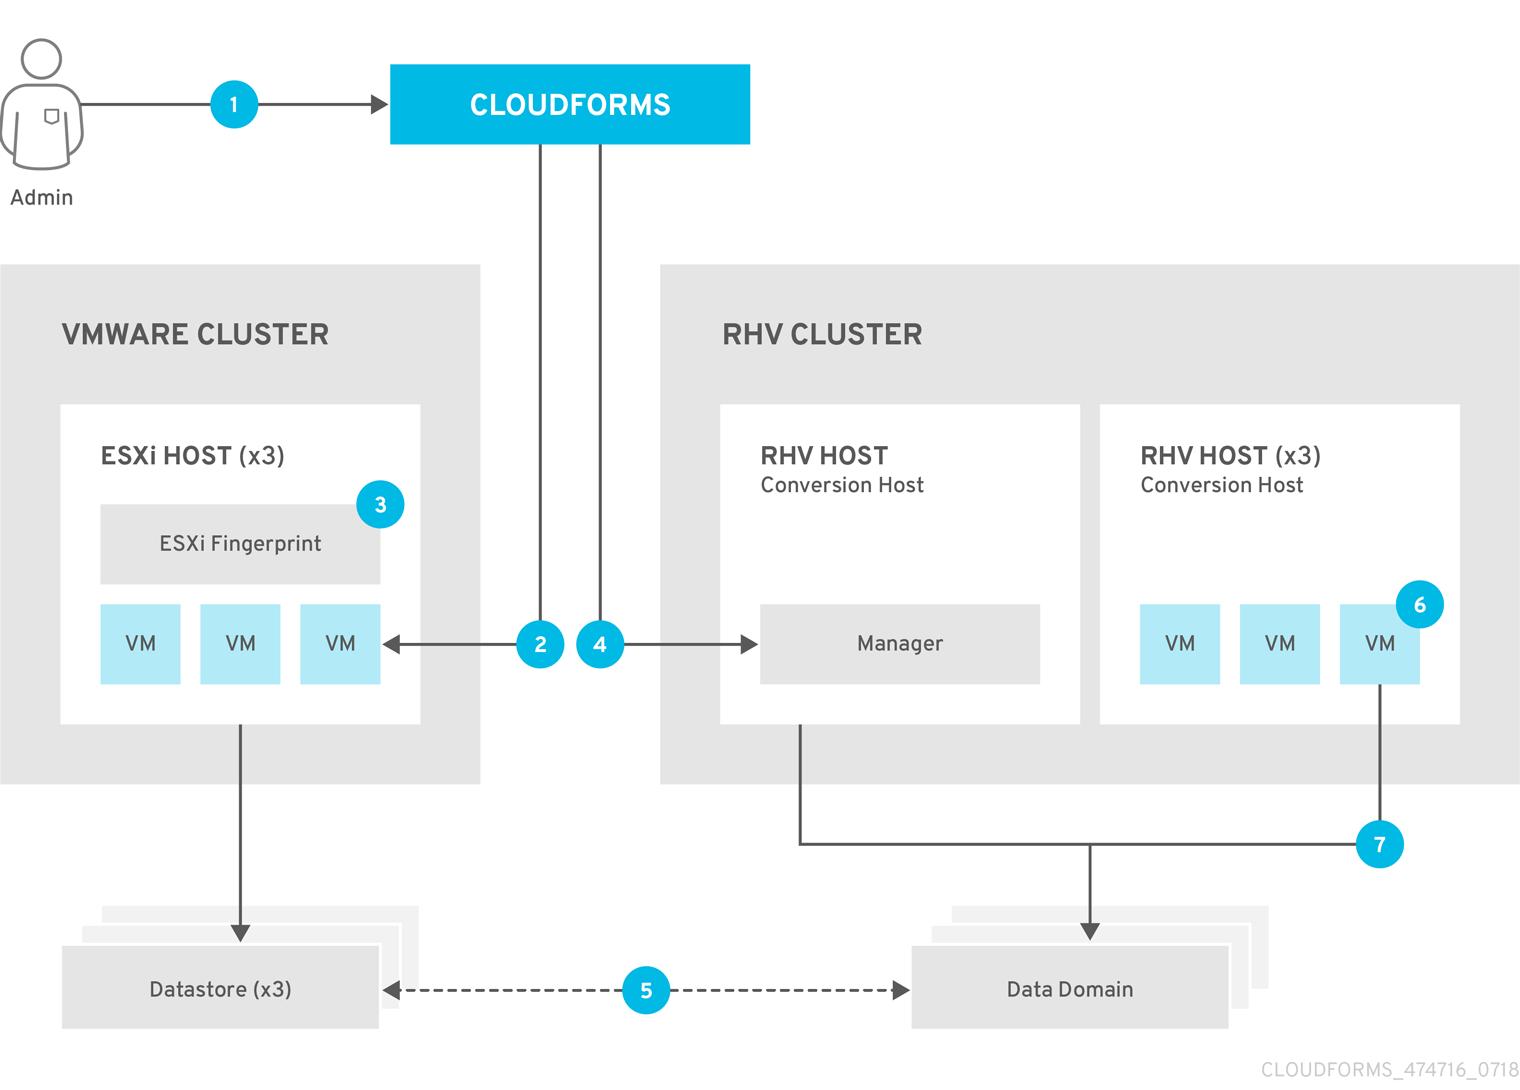 vmware to rhv migration workflow